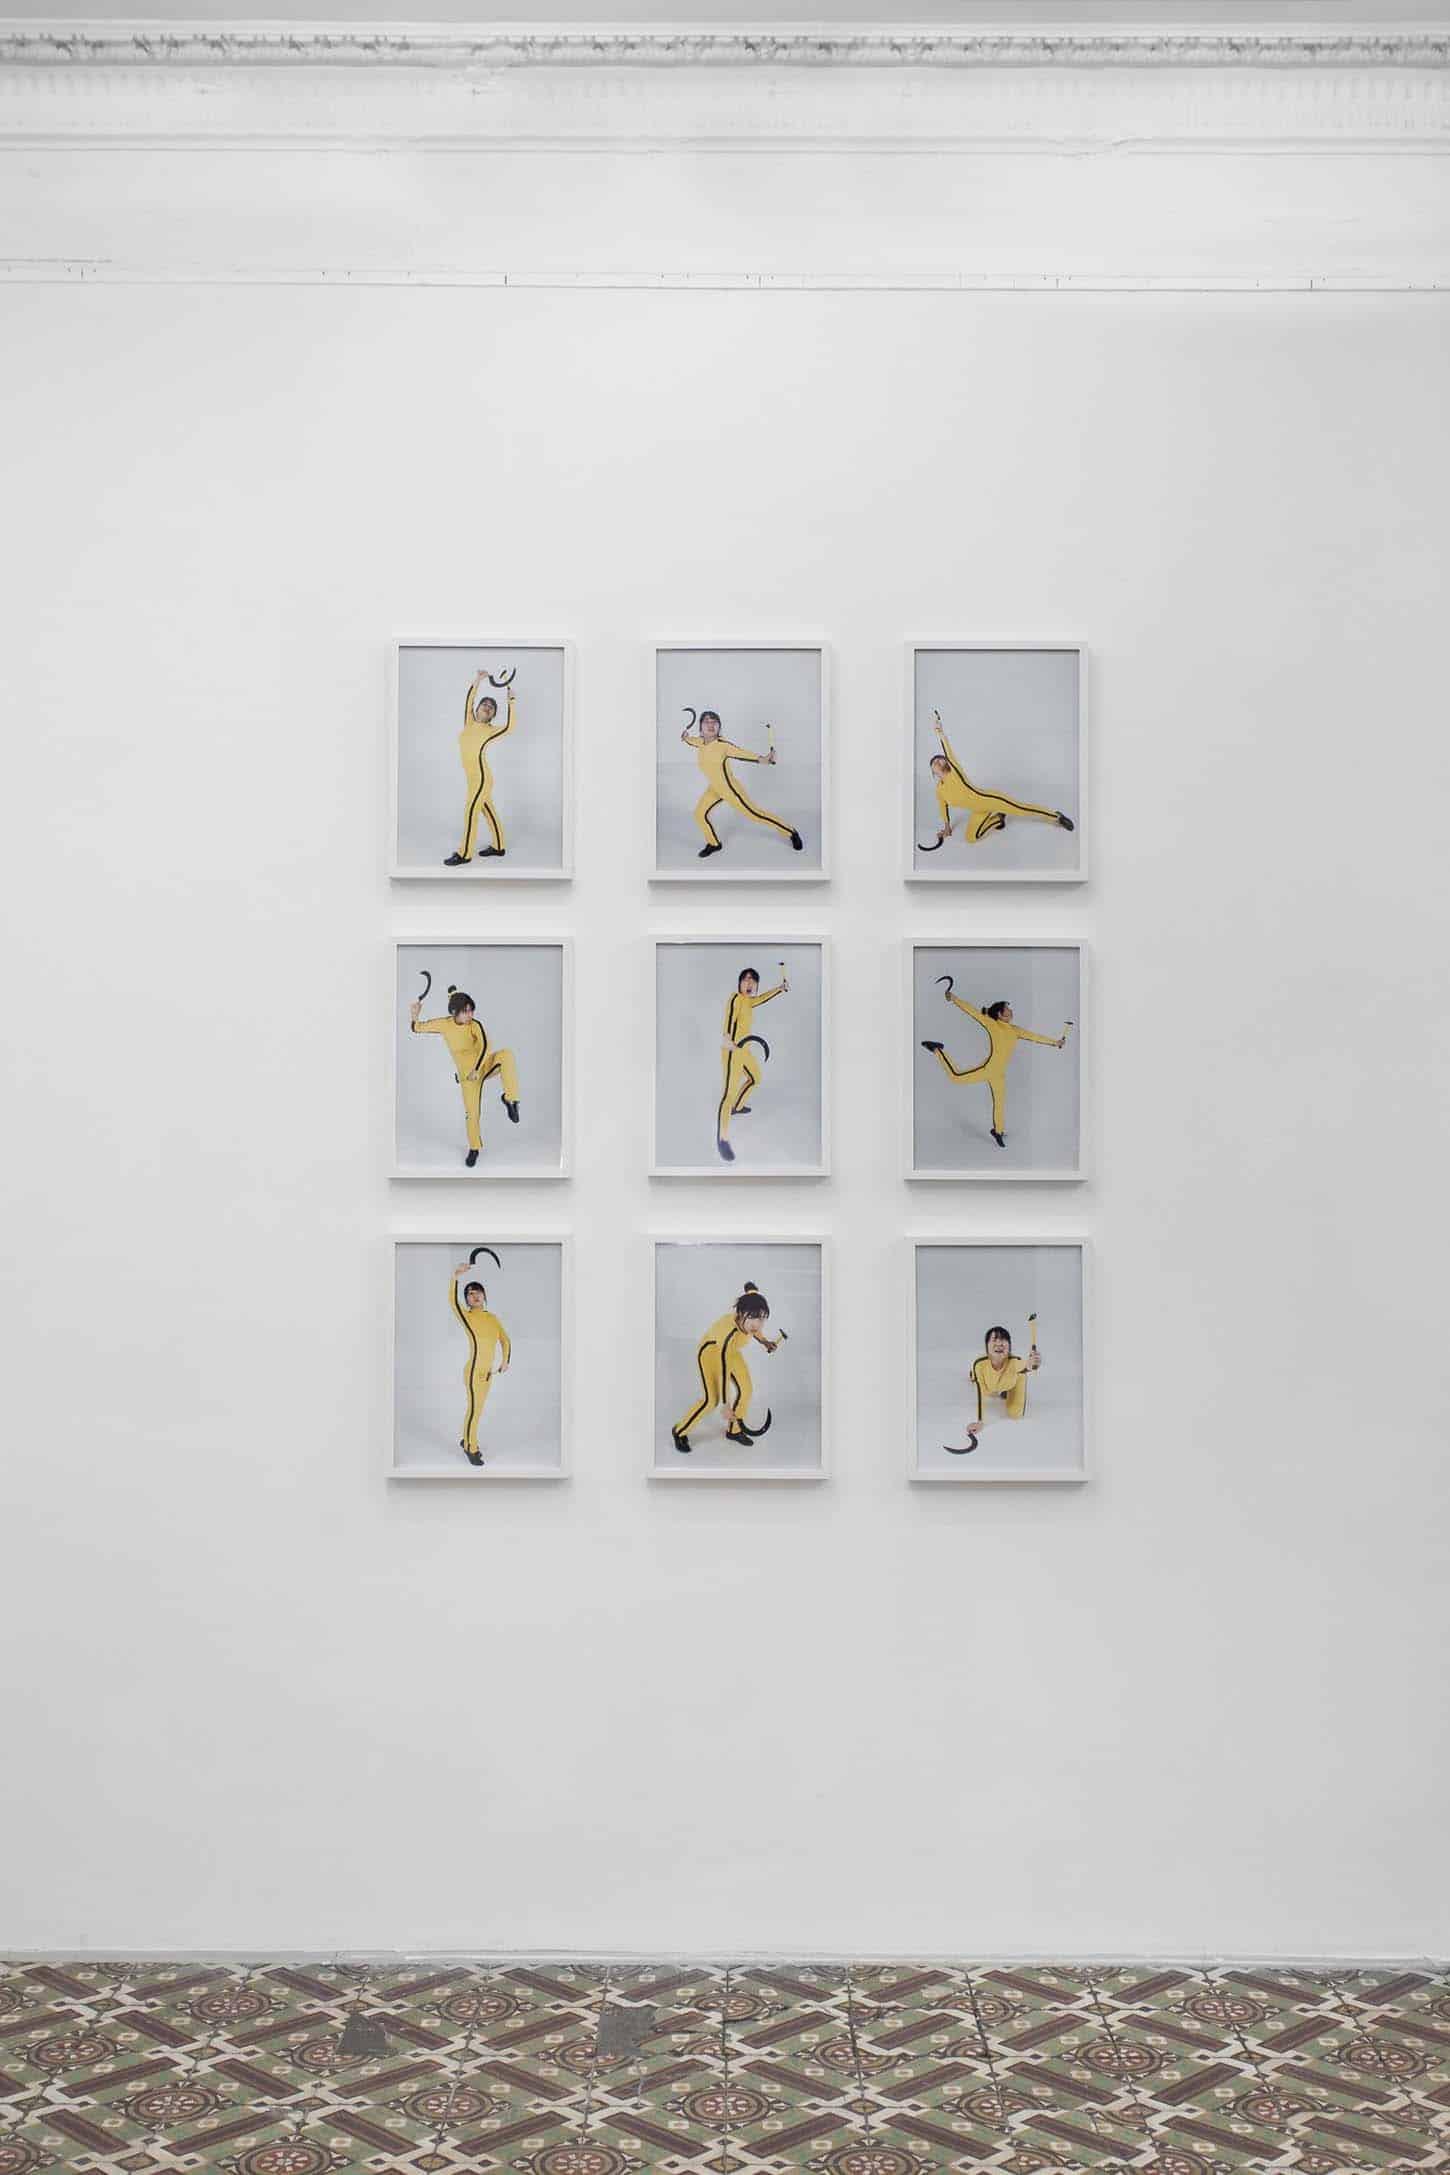 Qingmei Yao, Danse! Danse! Bruce Ling!,Série de neuf photos préparatoires pourune recherche choégraphique,9x30cmx40cm